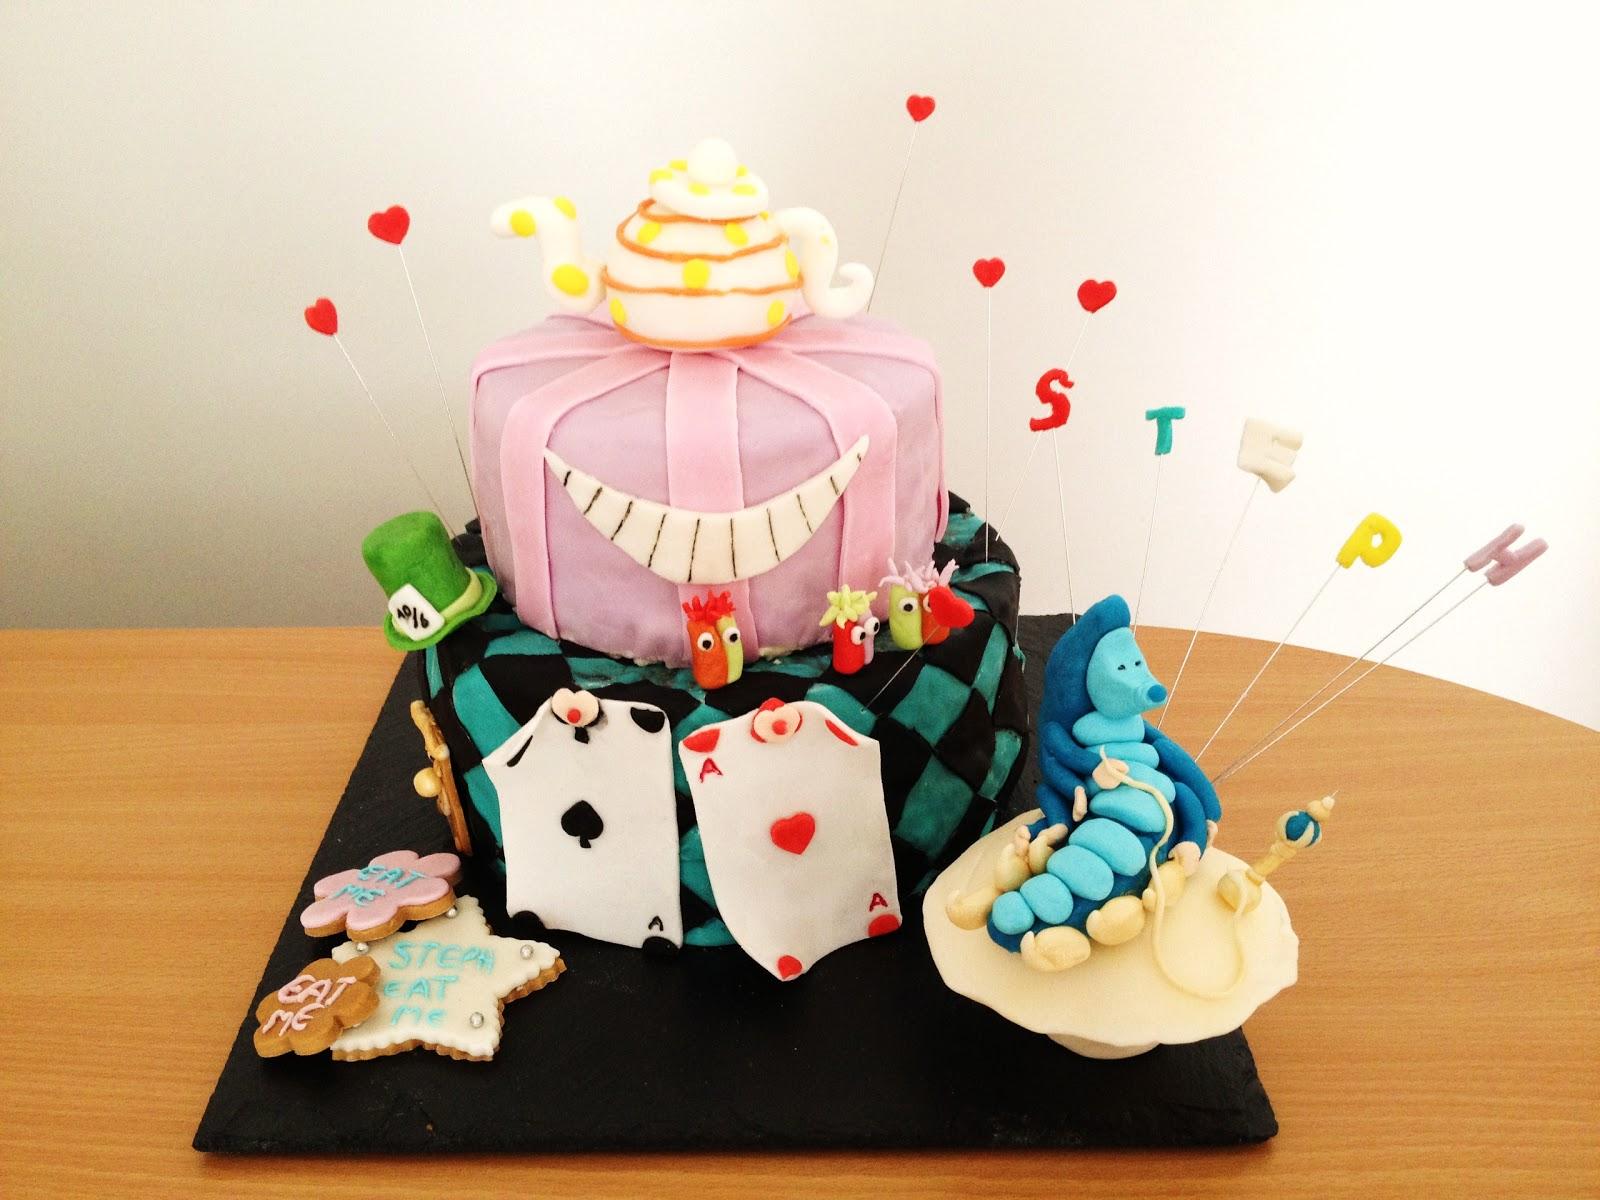 Gateau Alice Aux Pays Des Merveilles en ce qui concerne fabtastic cakes: gâteau alice au pays des merveilles